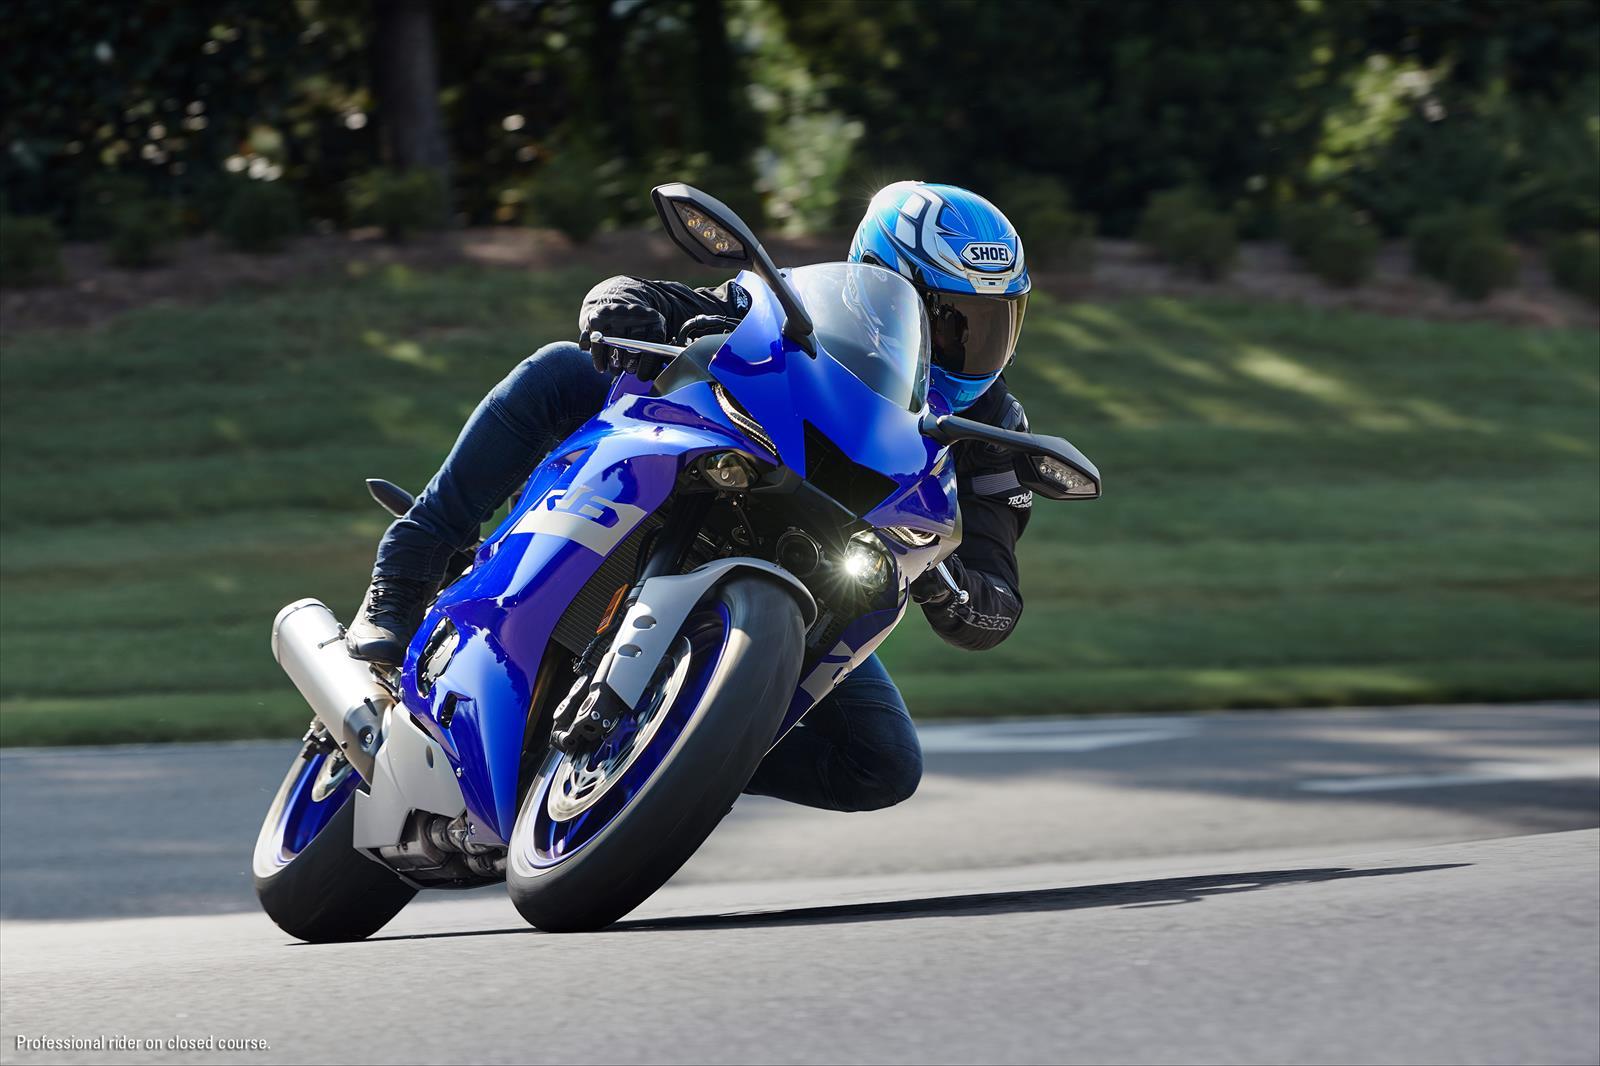 2020 Yamaha R6 on a Race Track